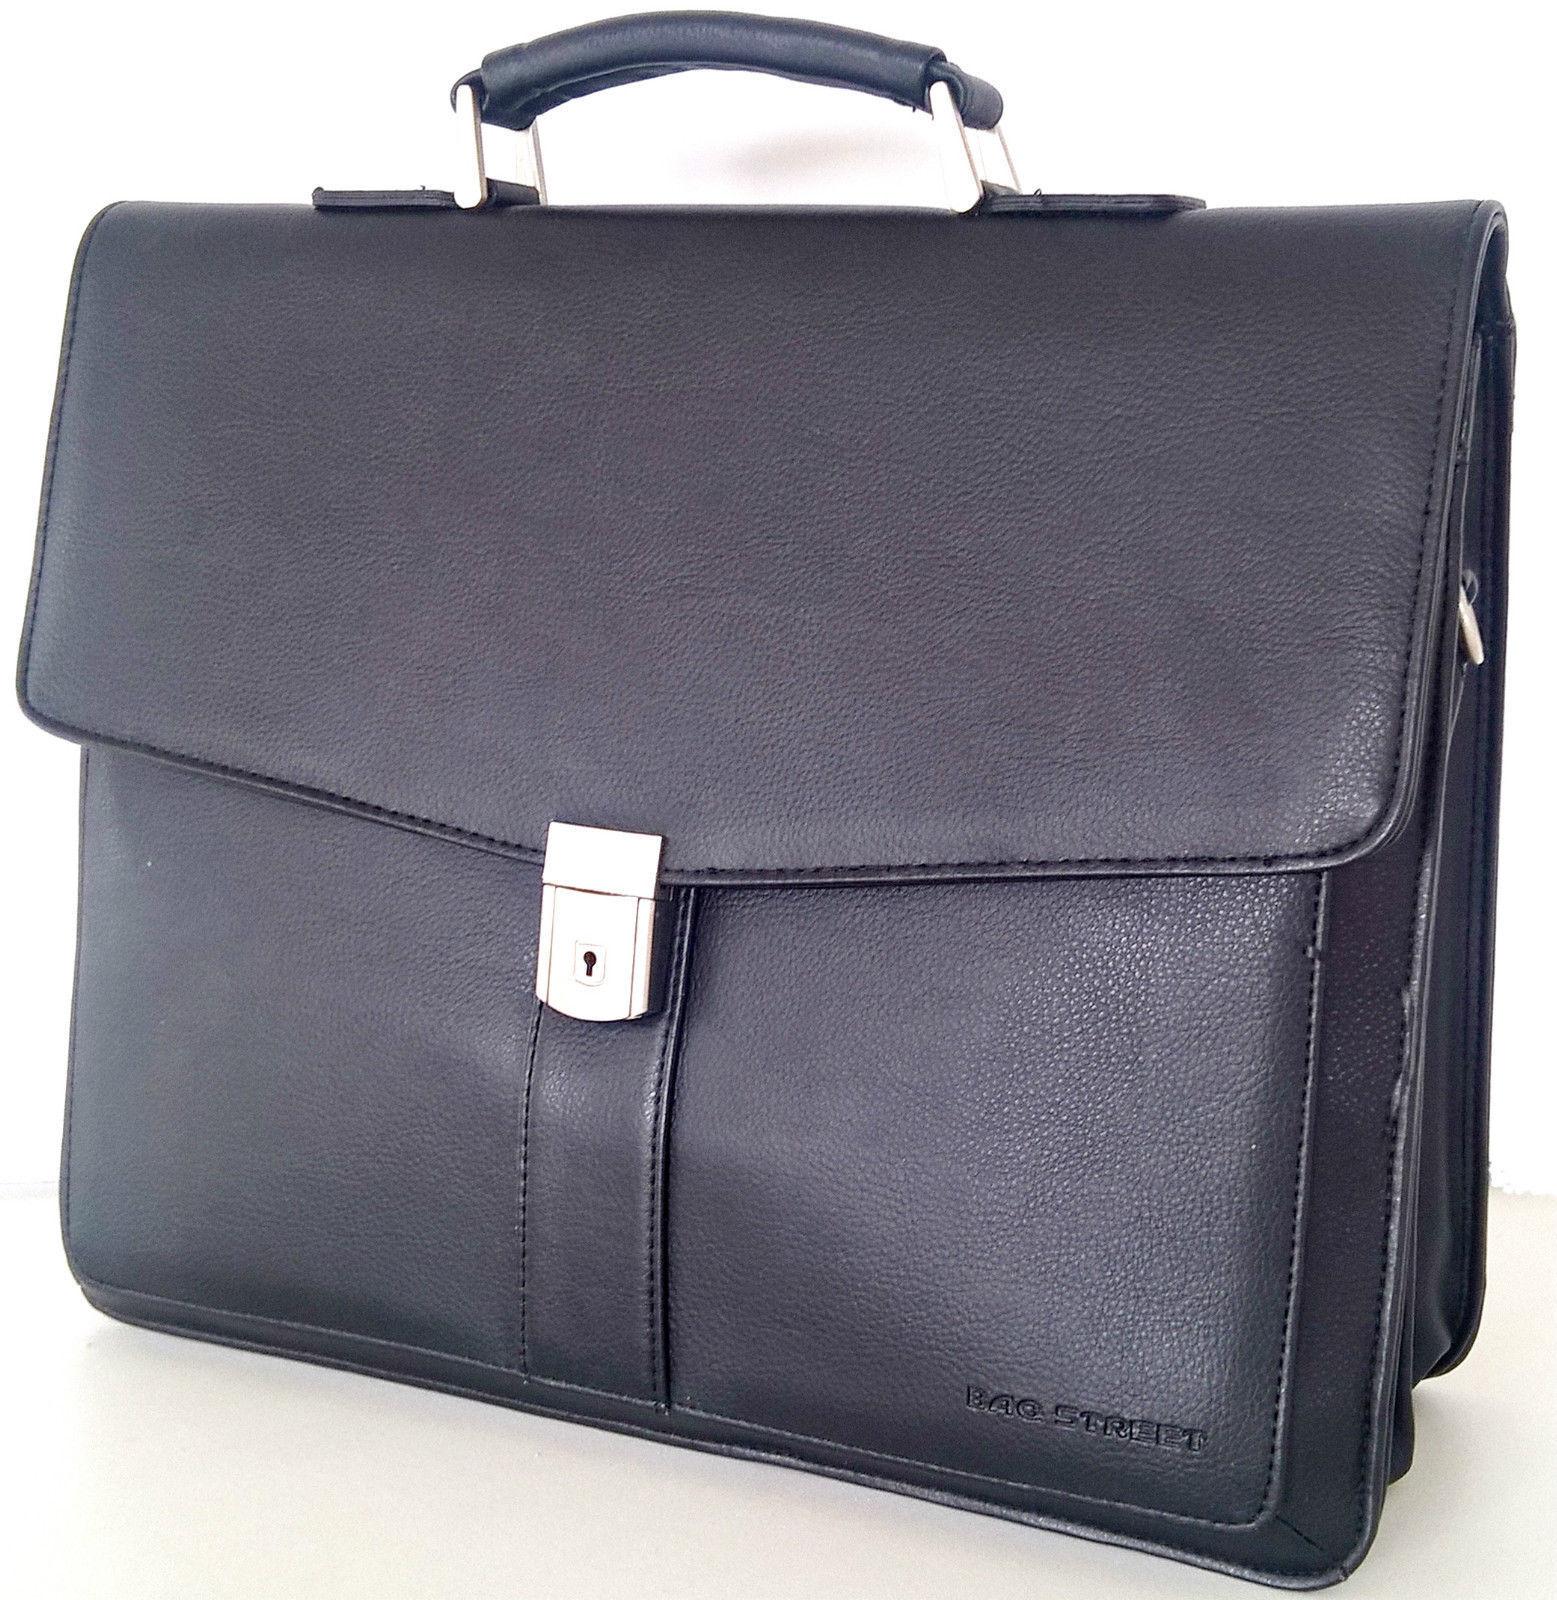 Aktentasche,Bürotasche,Business-Schultertasche,Laptopfach,mit Lederriemen,Neu | Günstig  | Verpackungsvielfalt  | Üppiges Design